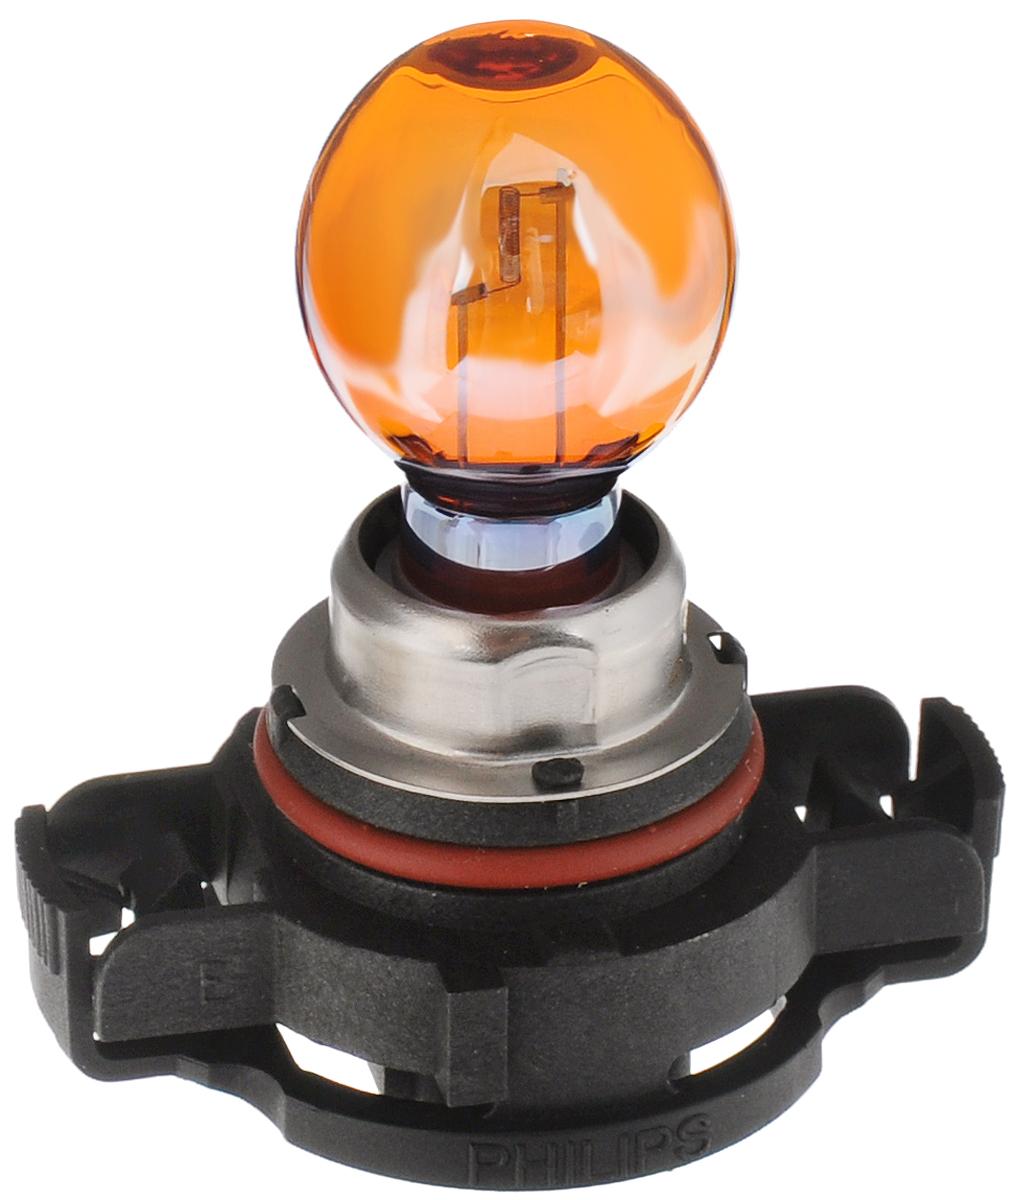 Сигнальная автомобильная лампа Philips HiPerVision Silver Vision PSY24W 12V-24W (PG20/4) серебристый дизайн 12180SV+C112180SV+C1Автомобильные лампы Philips - ваш надежный путеводитель на дорогах. Грамотно продуманный ассортимент и ценовая политика Philips позволяют автомобилисту подобрать автомобильную лампу согласно своих пожеланий. Классическое решение от Philips различного назначения для всех видов автомобилей. Напряжение: 12 вольт